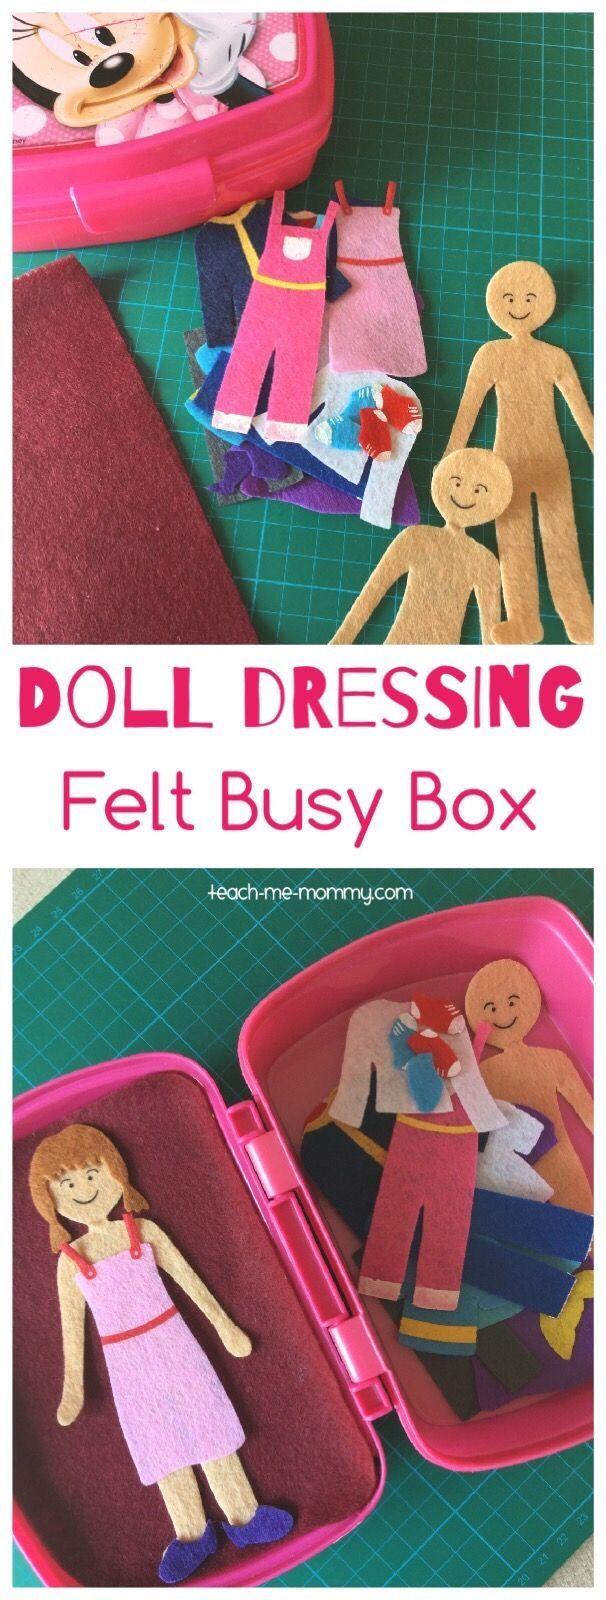 Doll Dressing Felt Busy Box #toydoll